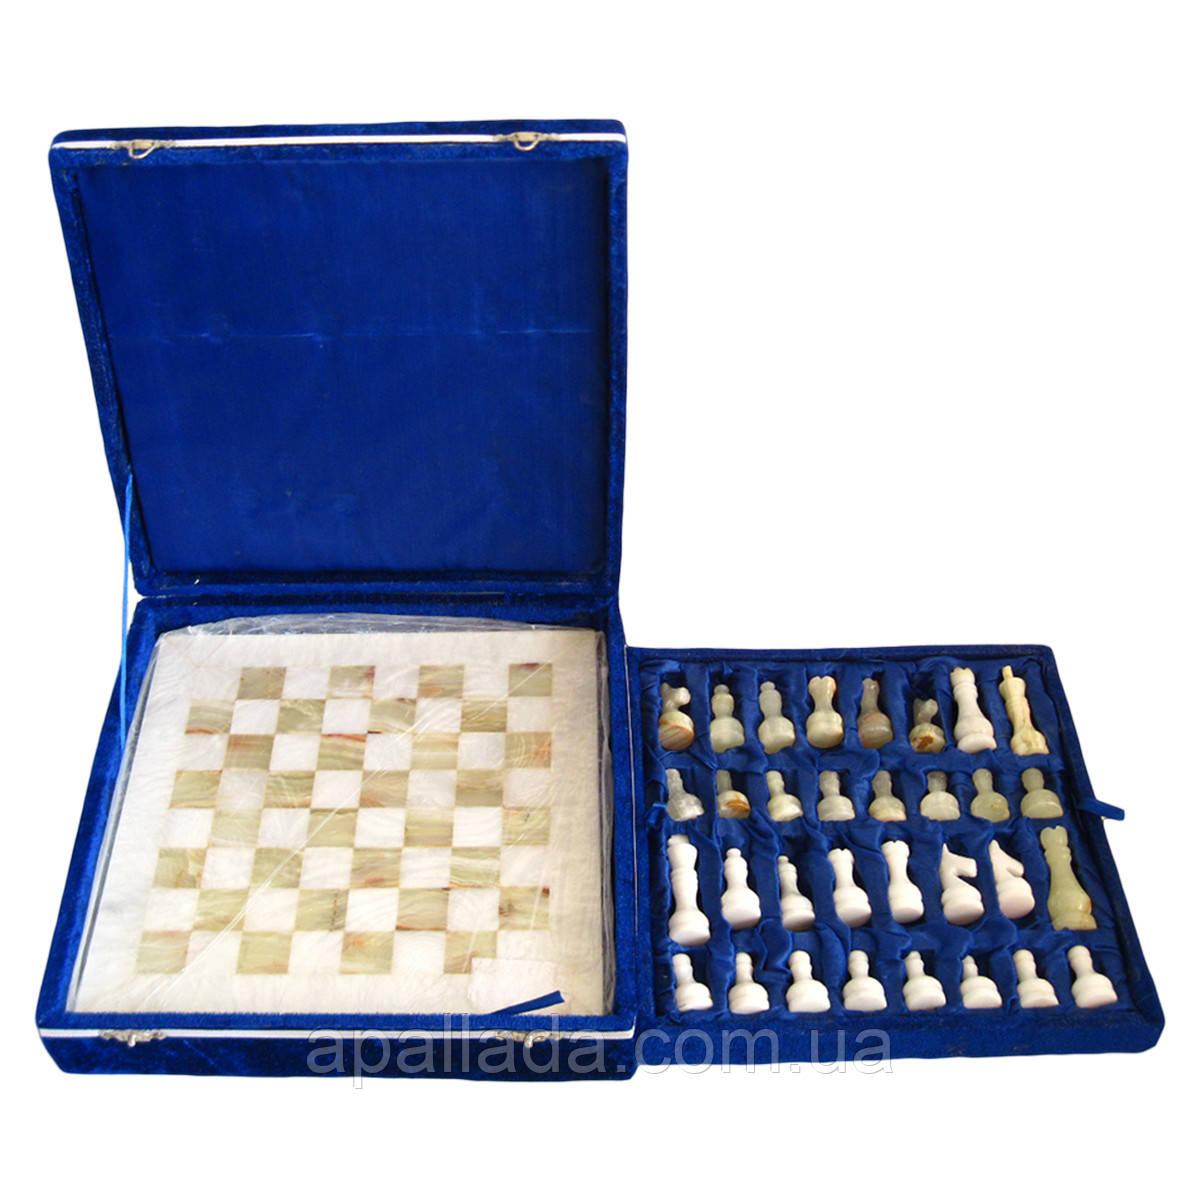 Шахматы настольные оникс, 28*28 см